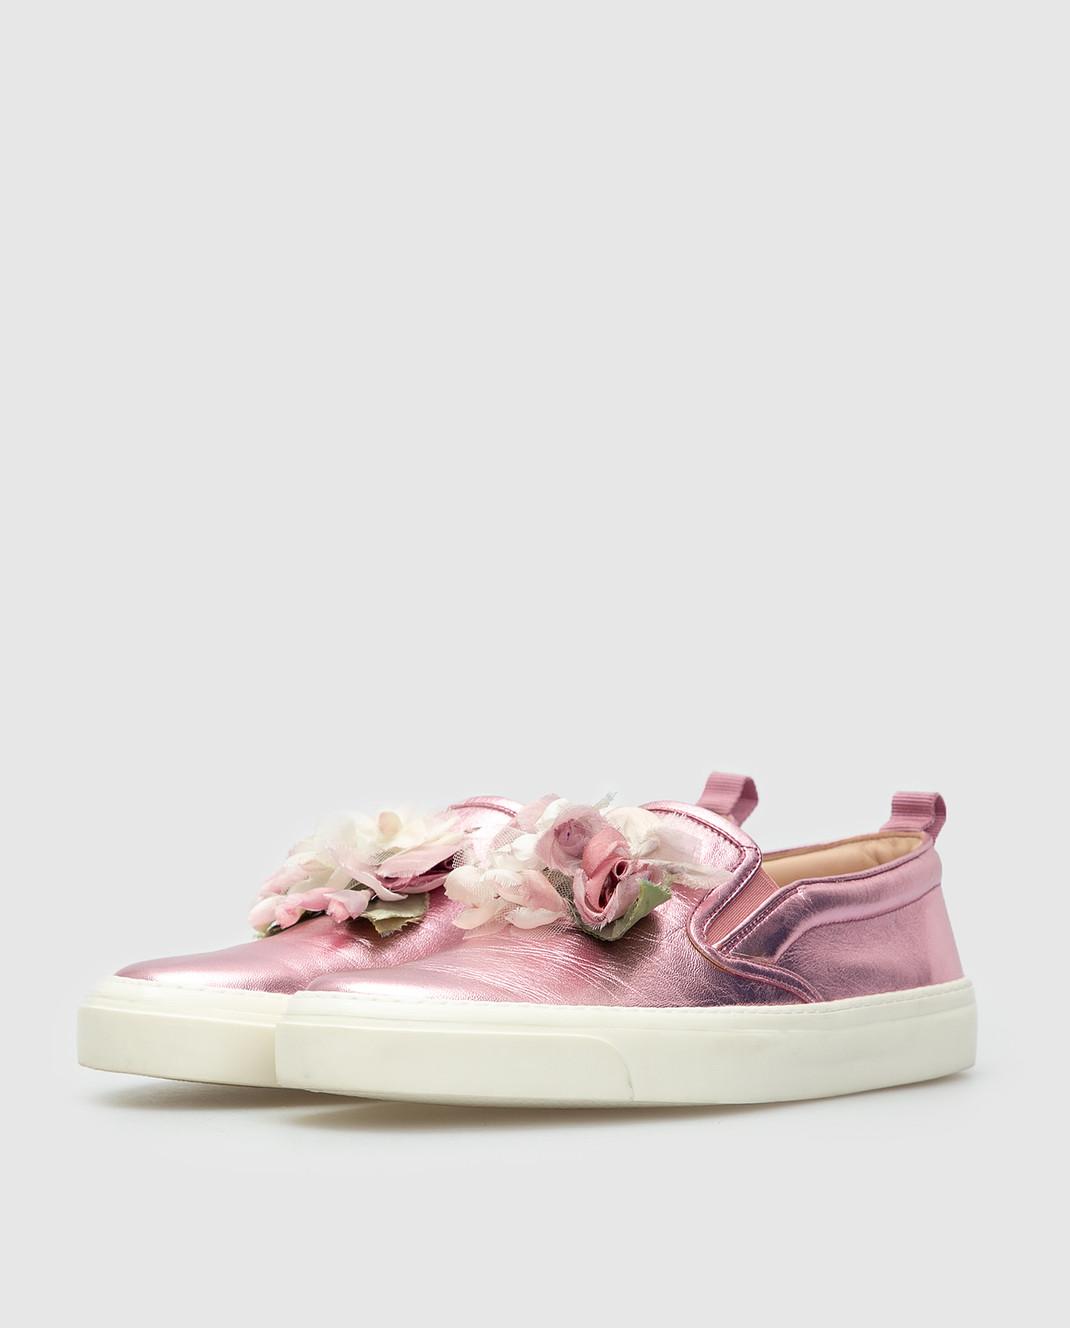 Gucci Розовые кожаные слипоны 414990 изображение 3